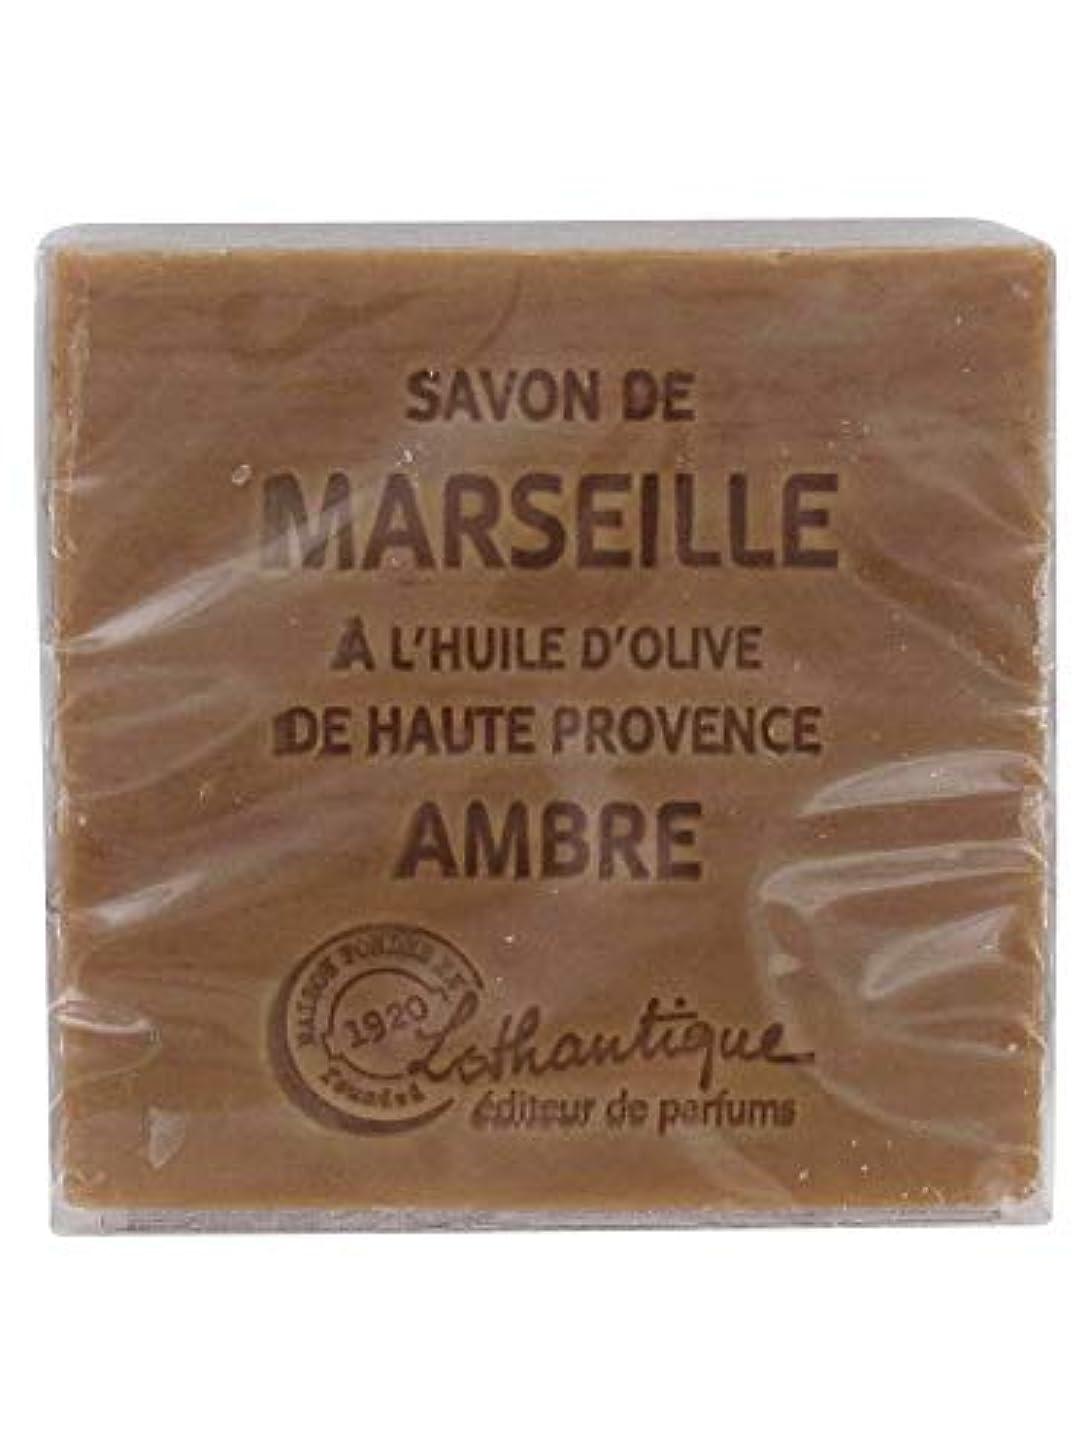 いうコールドエネルギーLothantique(ロタンティック) Les savons de Marseille(マルセイユソープ) マルセイユソープ 100g 「アンバー」 3420070038012